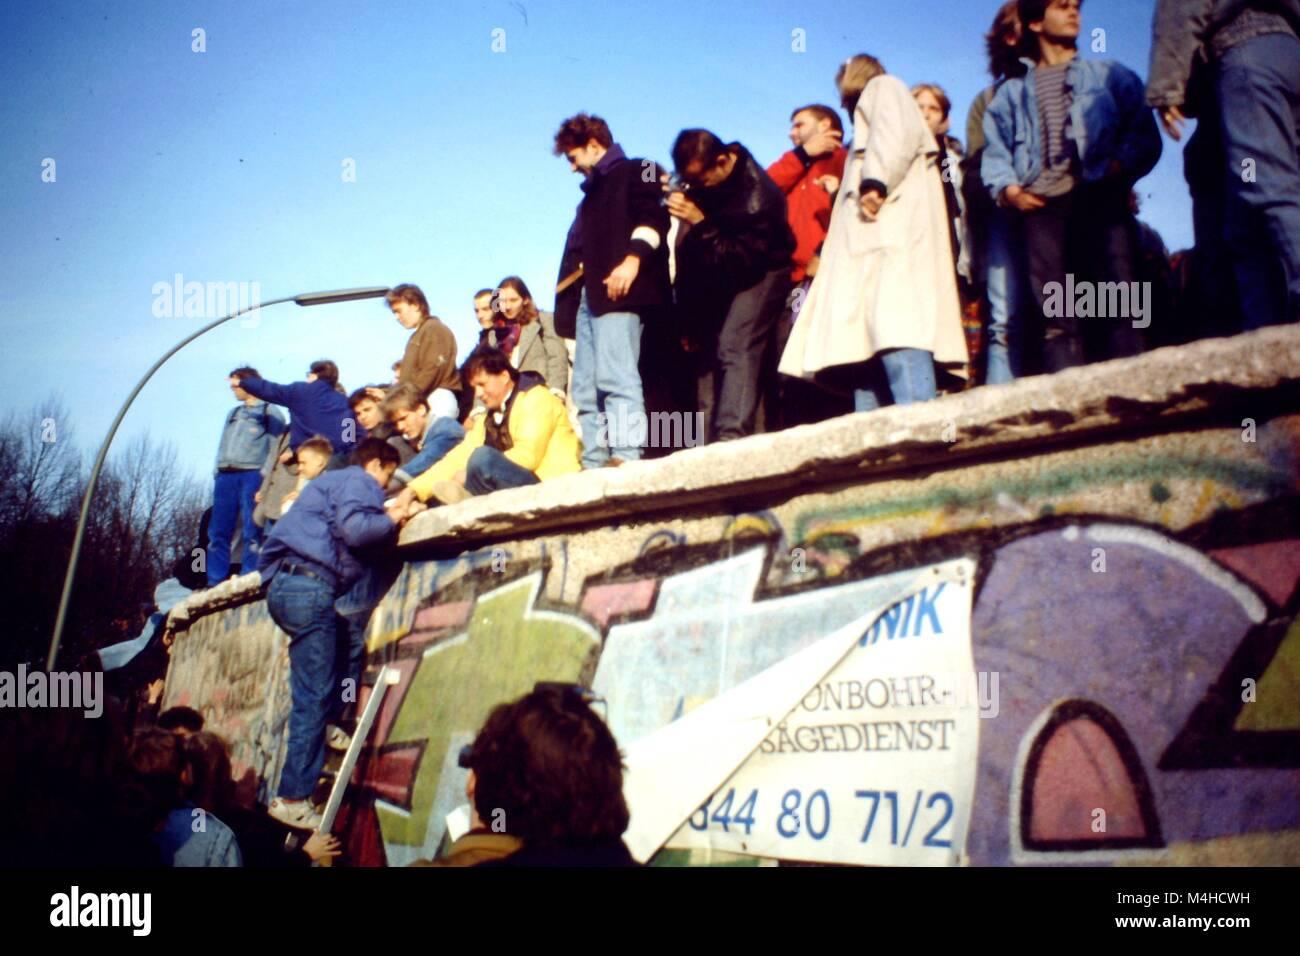 Les gens montent-graffiti mur peint à Berlin pendant l'ouverture des frontières. Photo Stock